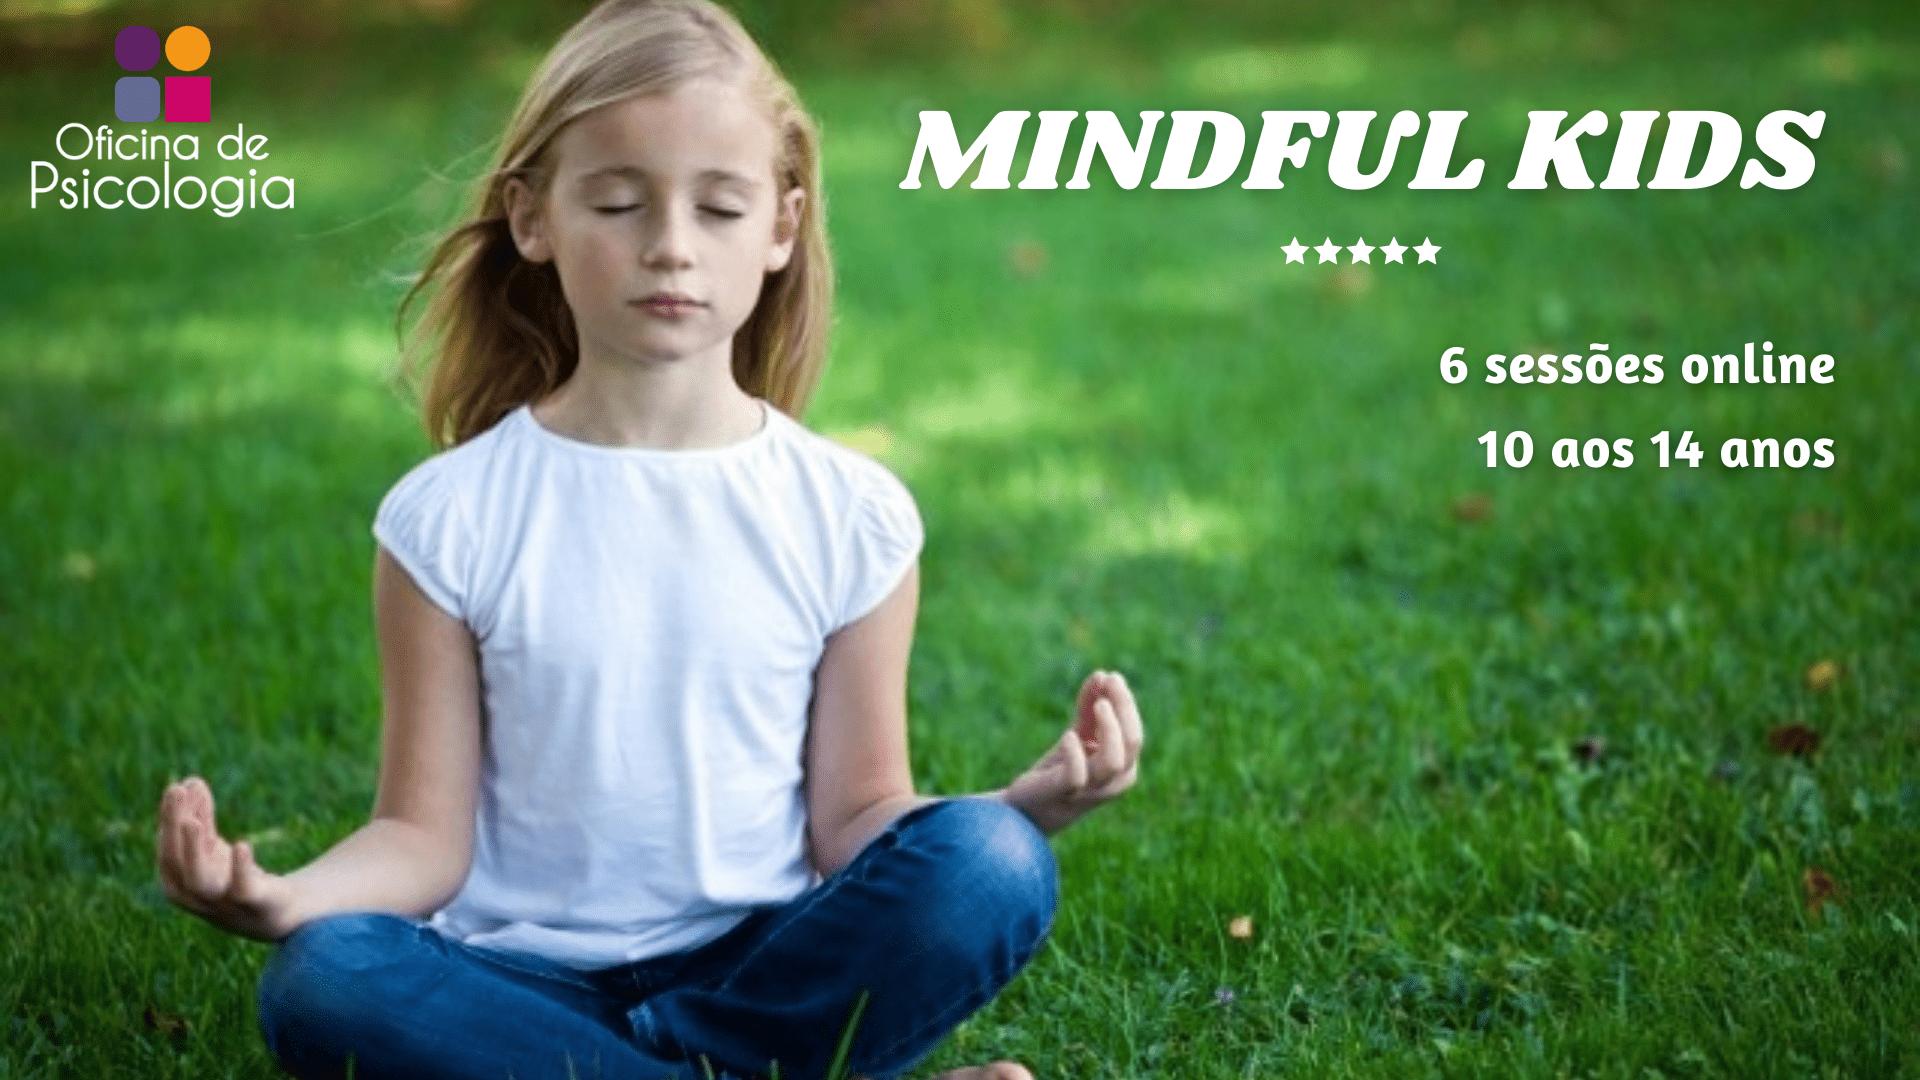 Mindful Kids Online